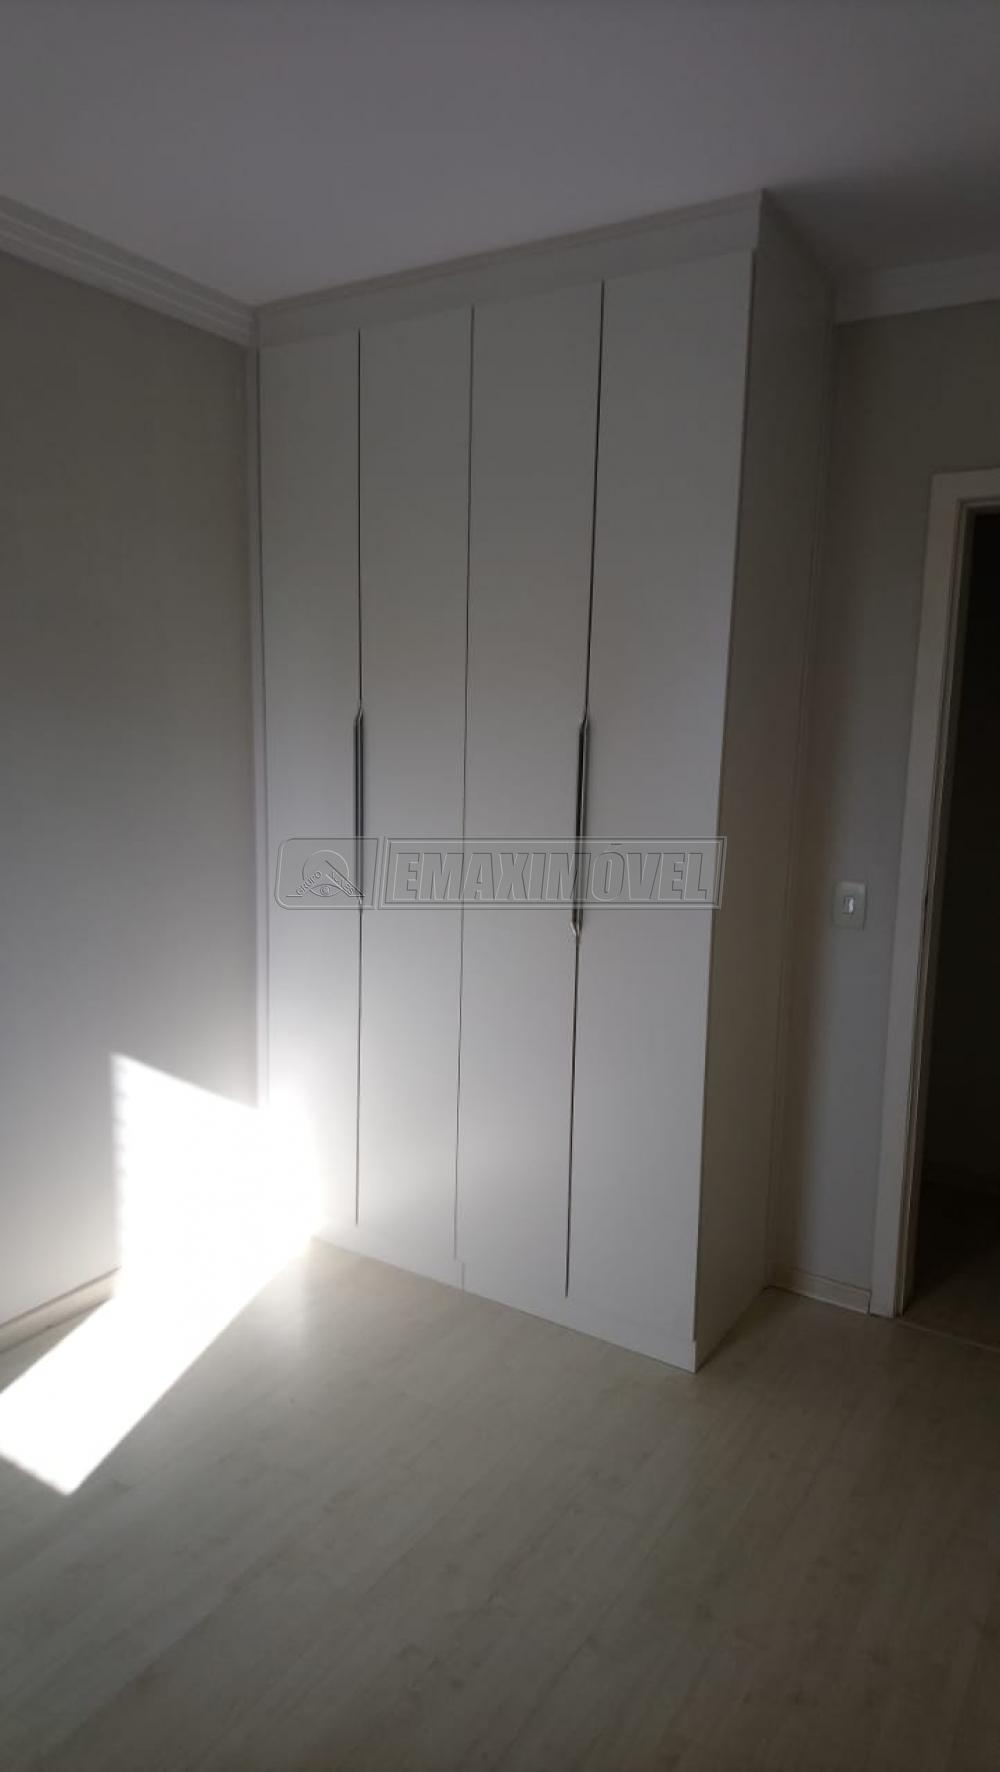 Alugar Casa / em Condomínios em Sorocaba R$ 3.000,00 - Foto 17